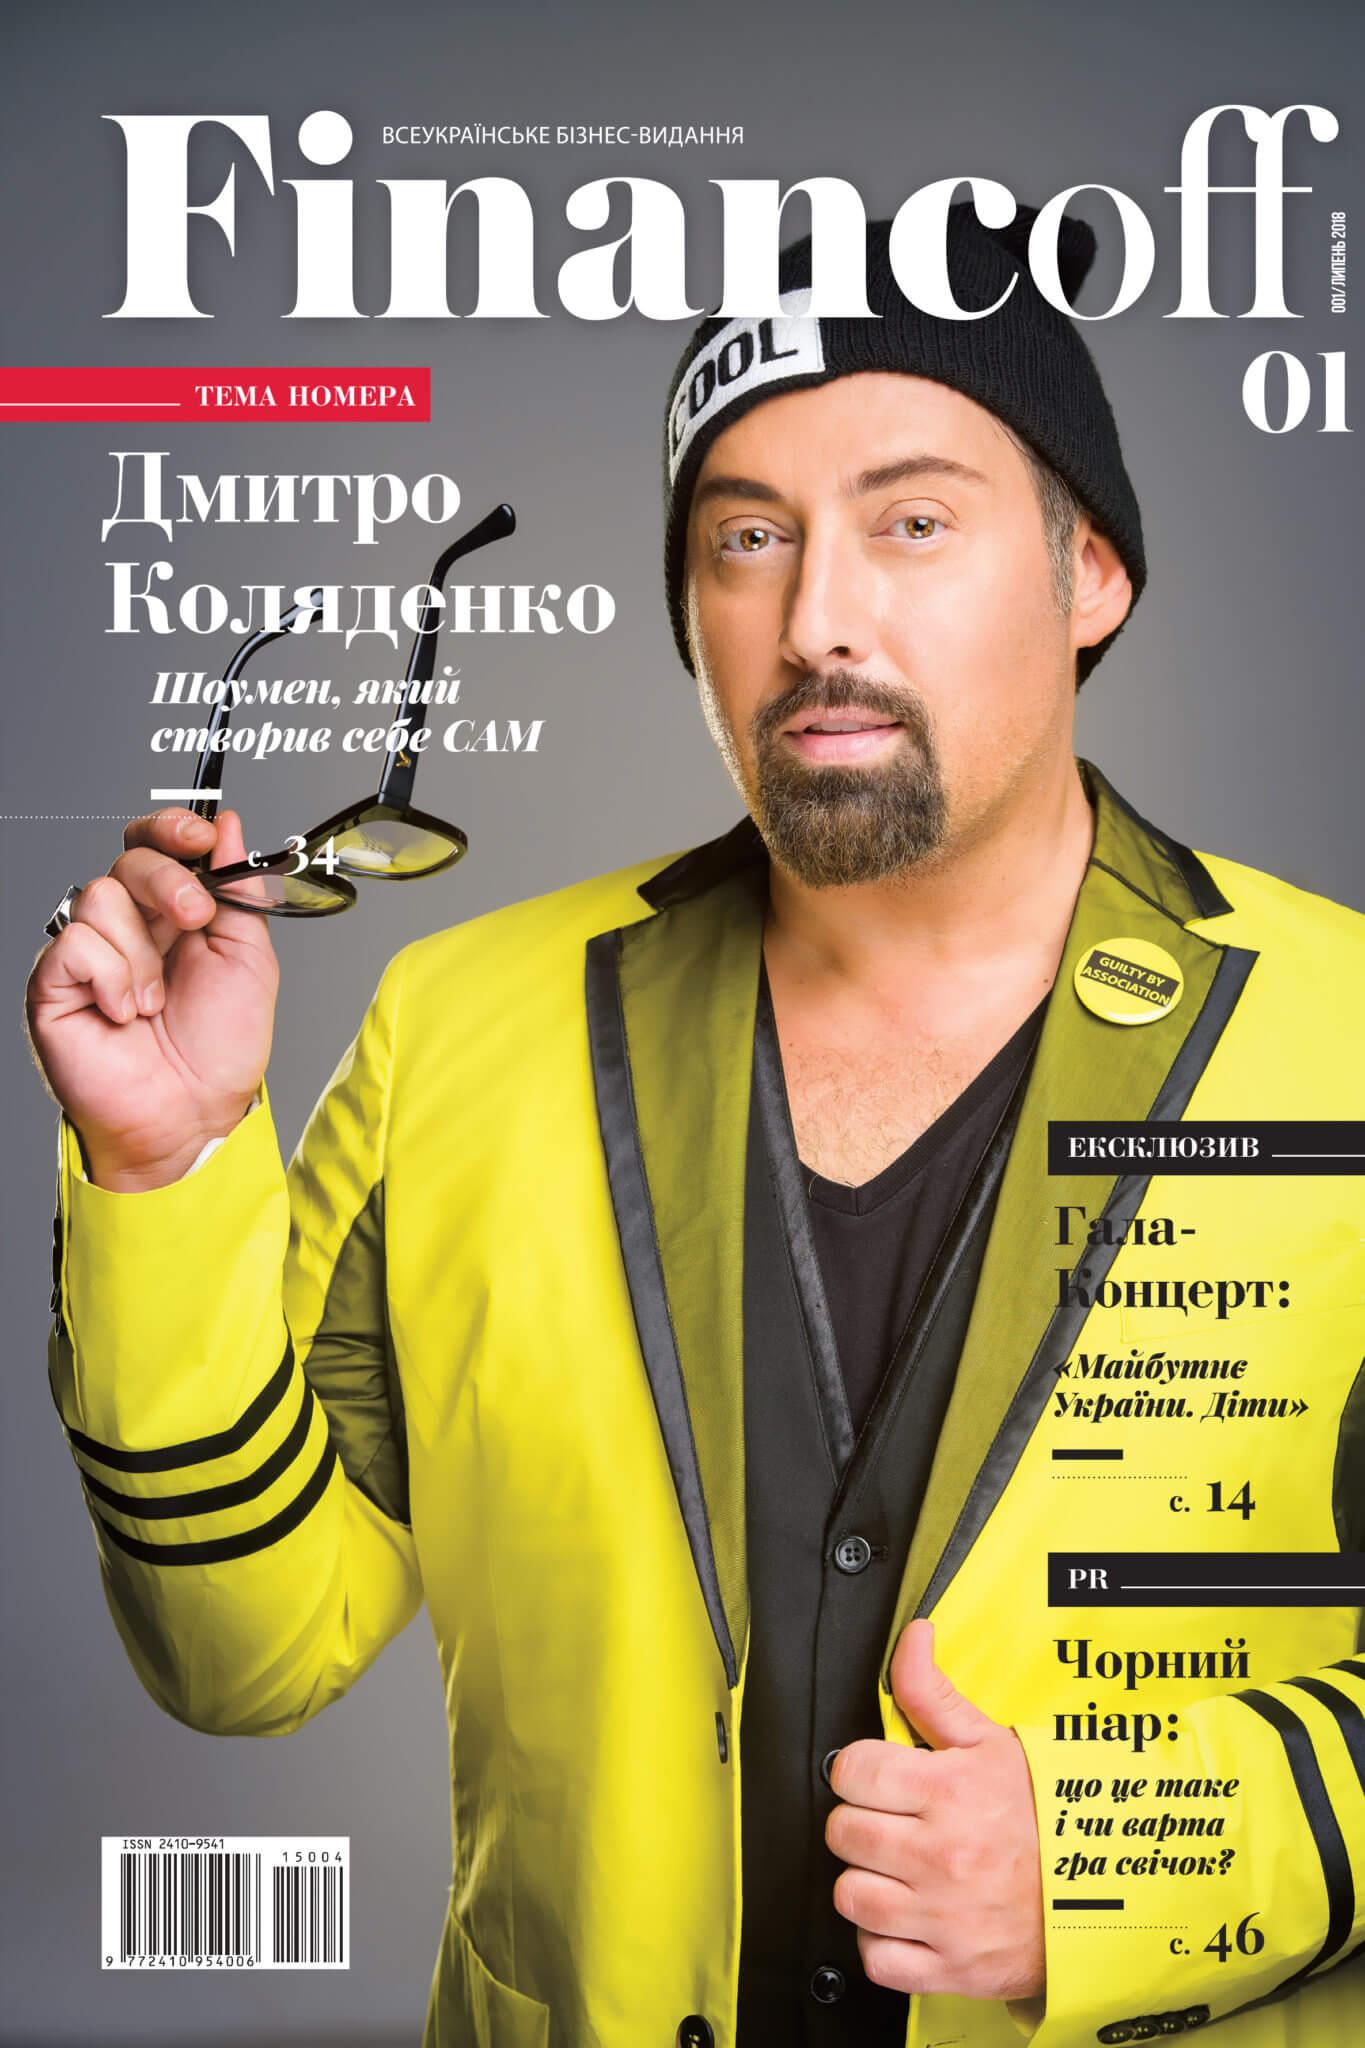 Рекламная съемка для журнала Financoff. Ph Постникова, md Дмитрий Коляденко